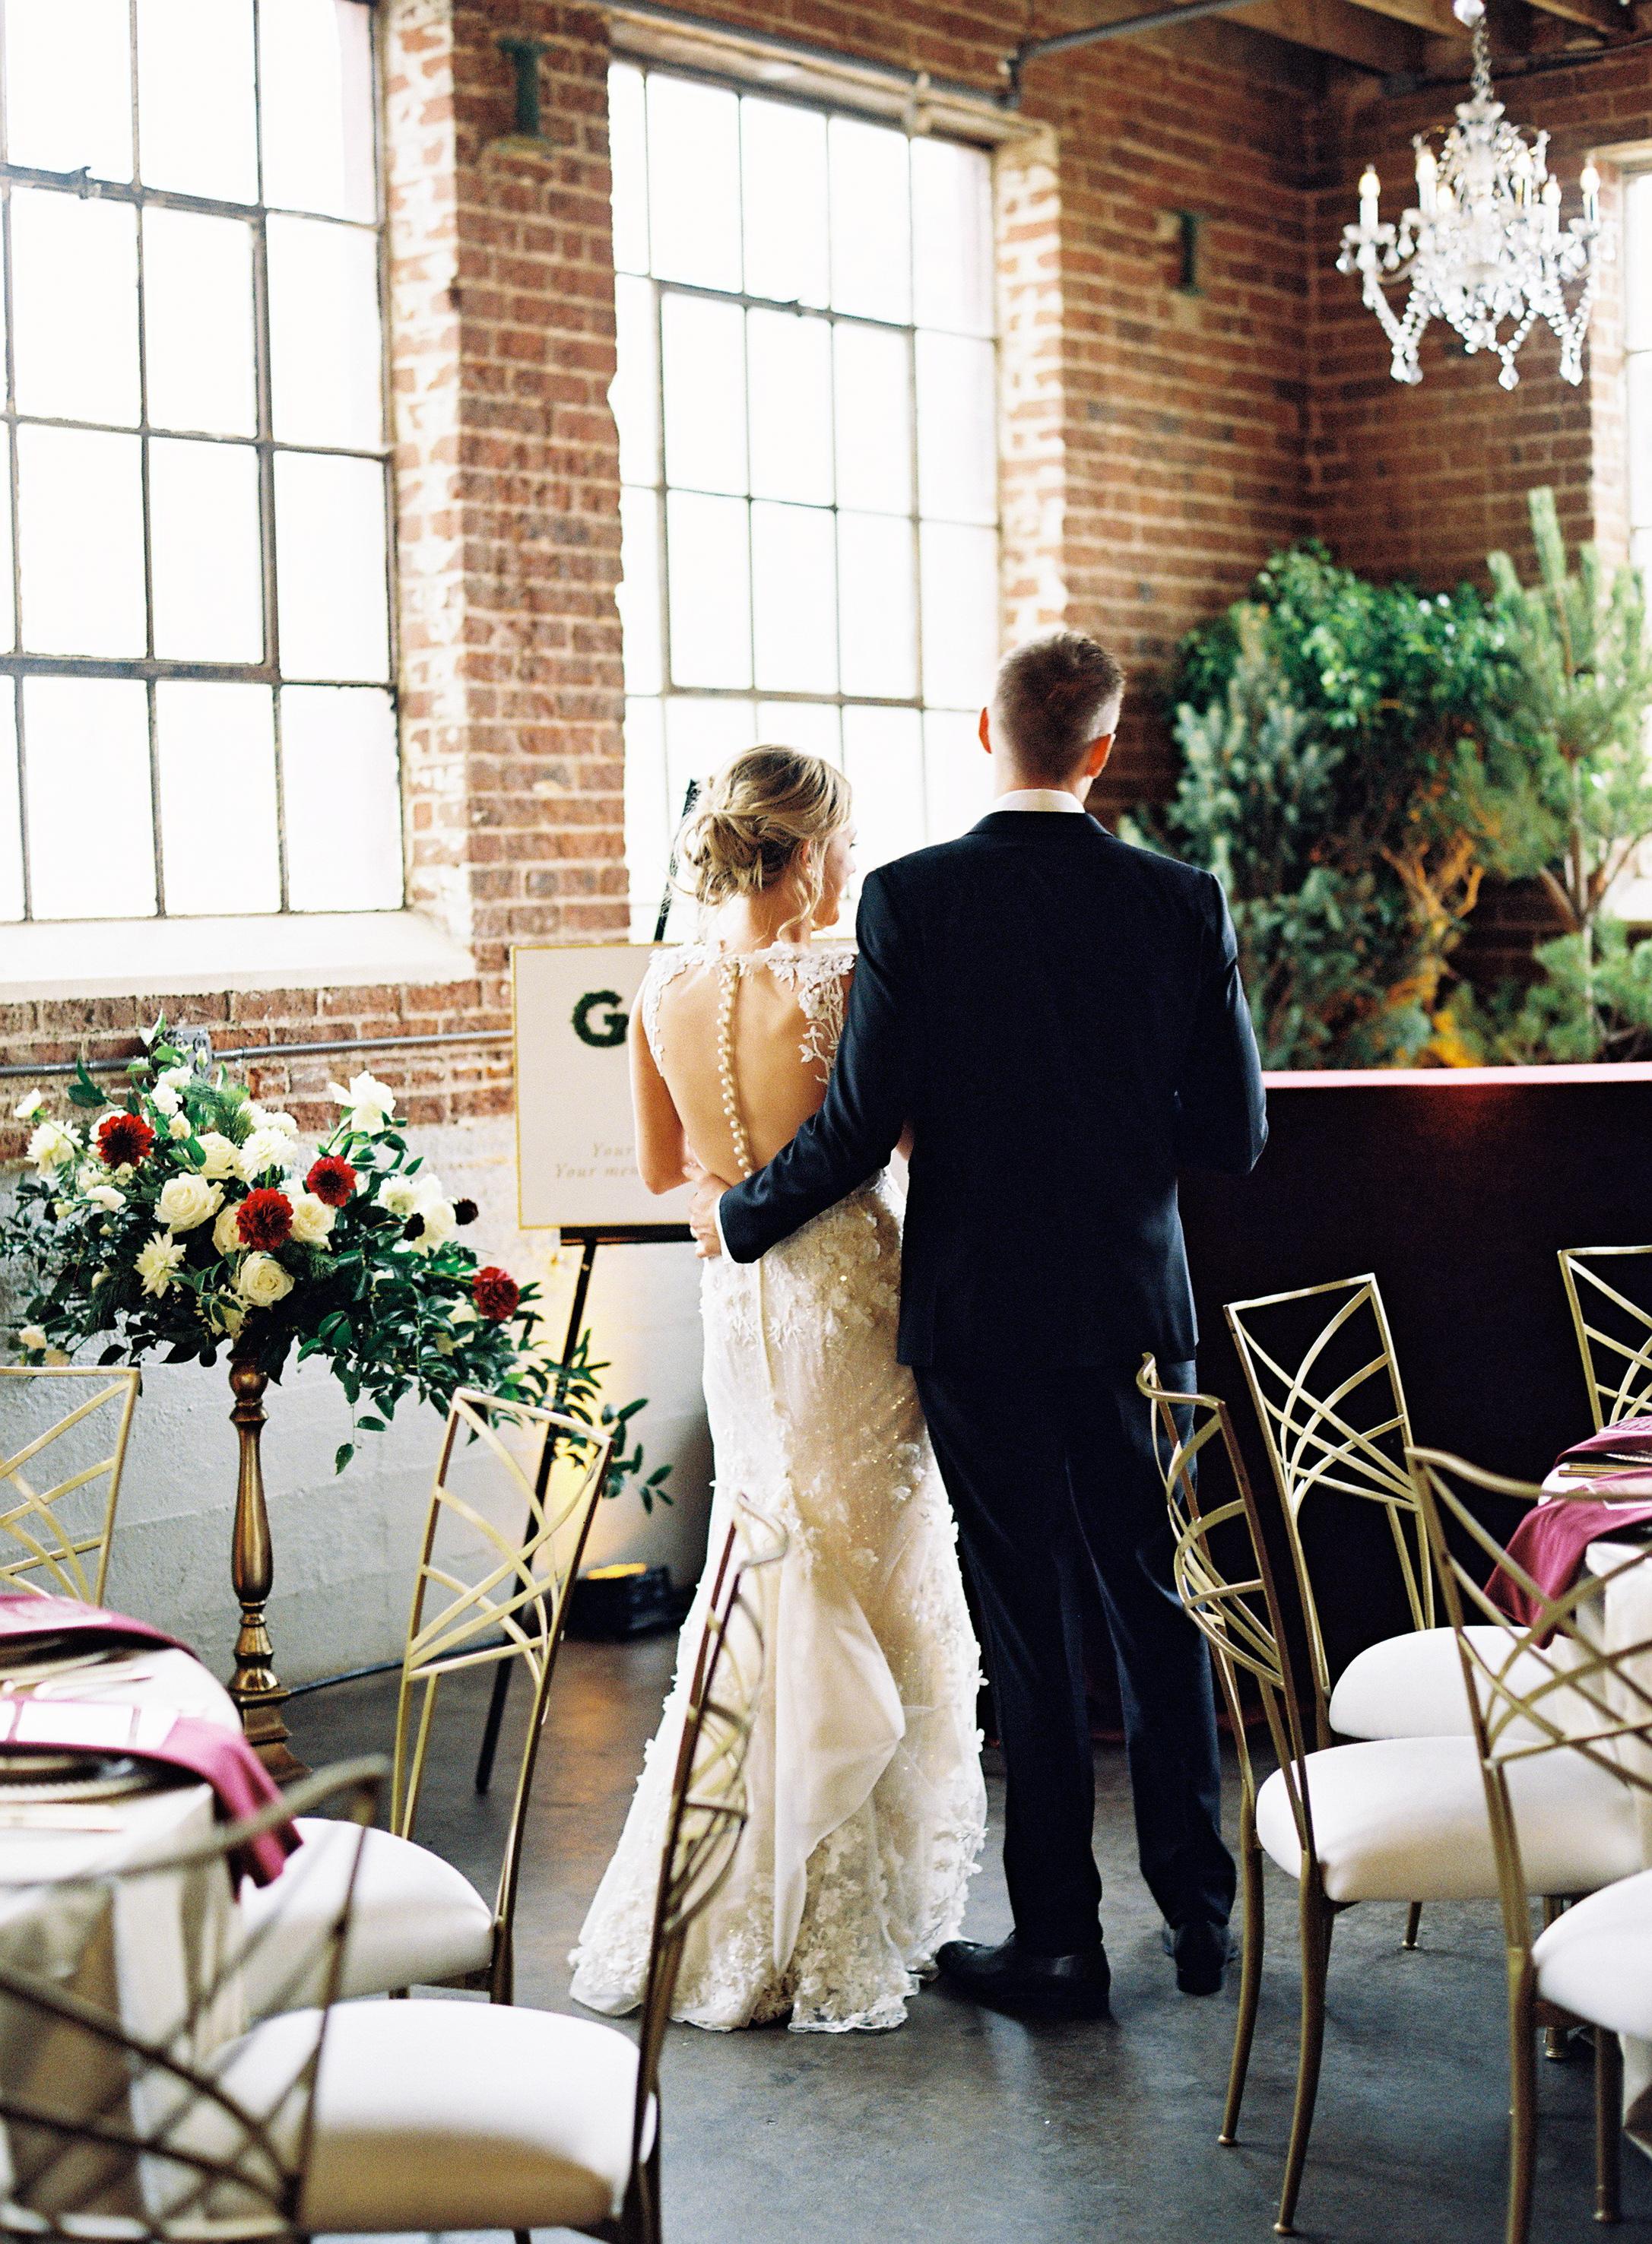 Sarah and John Wedding-Carrie King Photographer-38.jpg